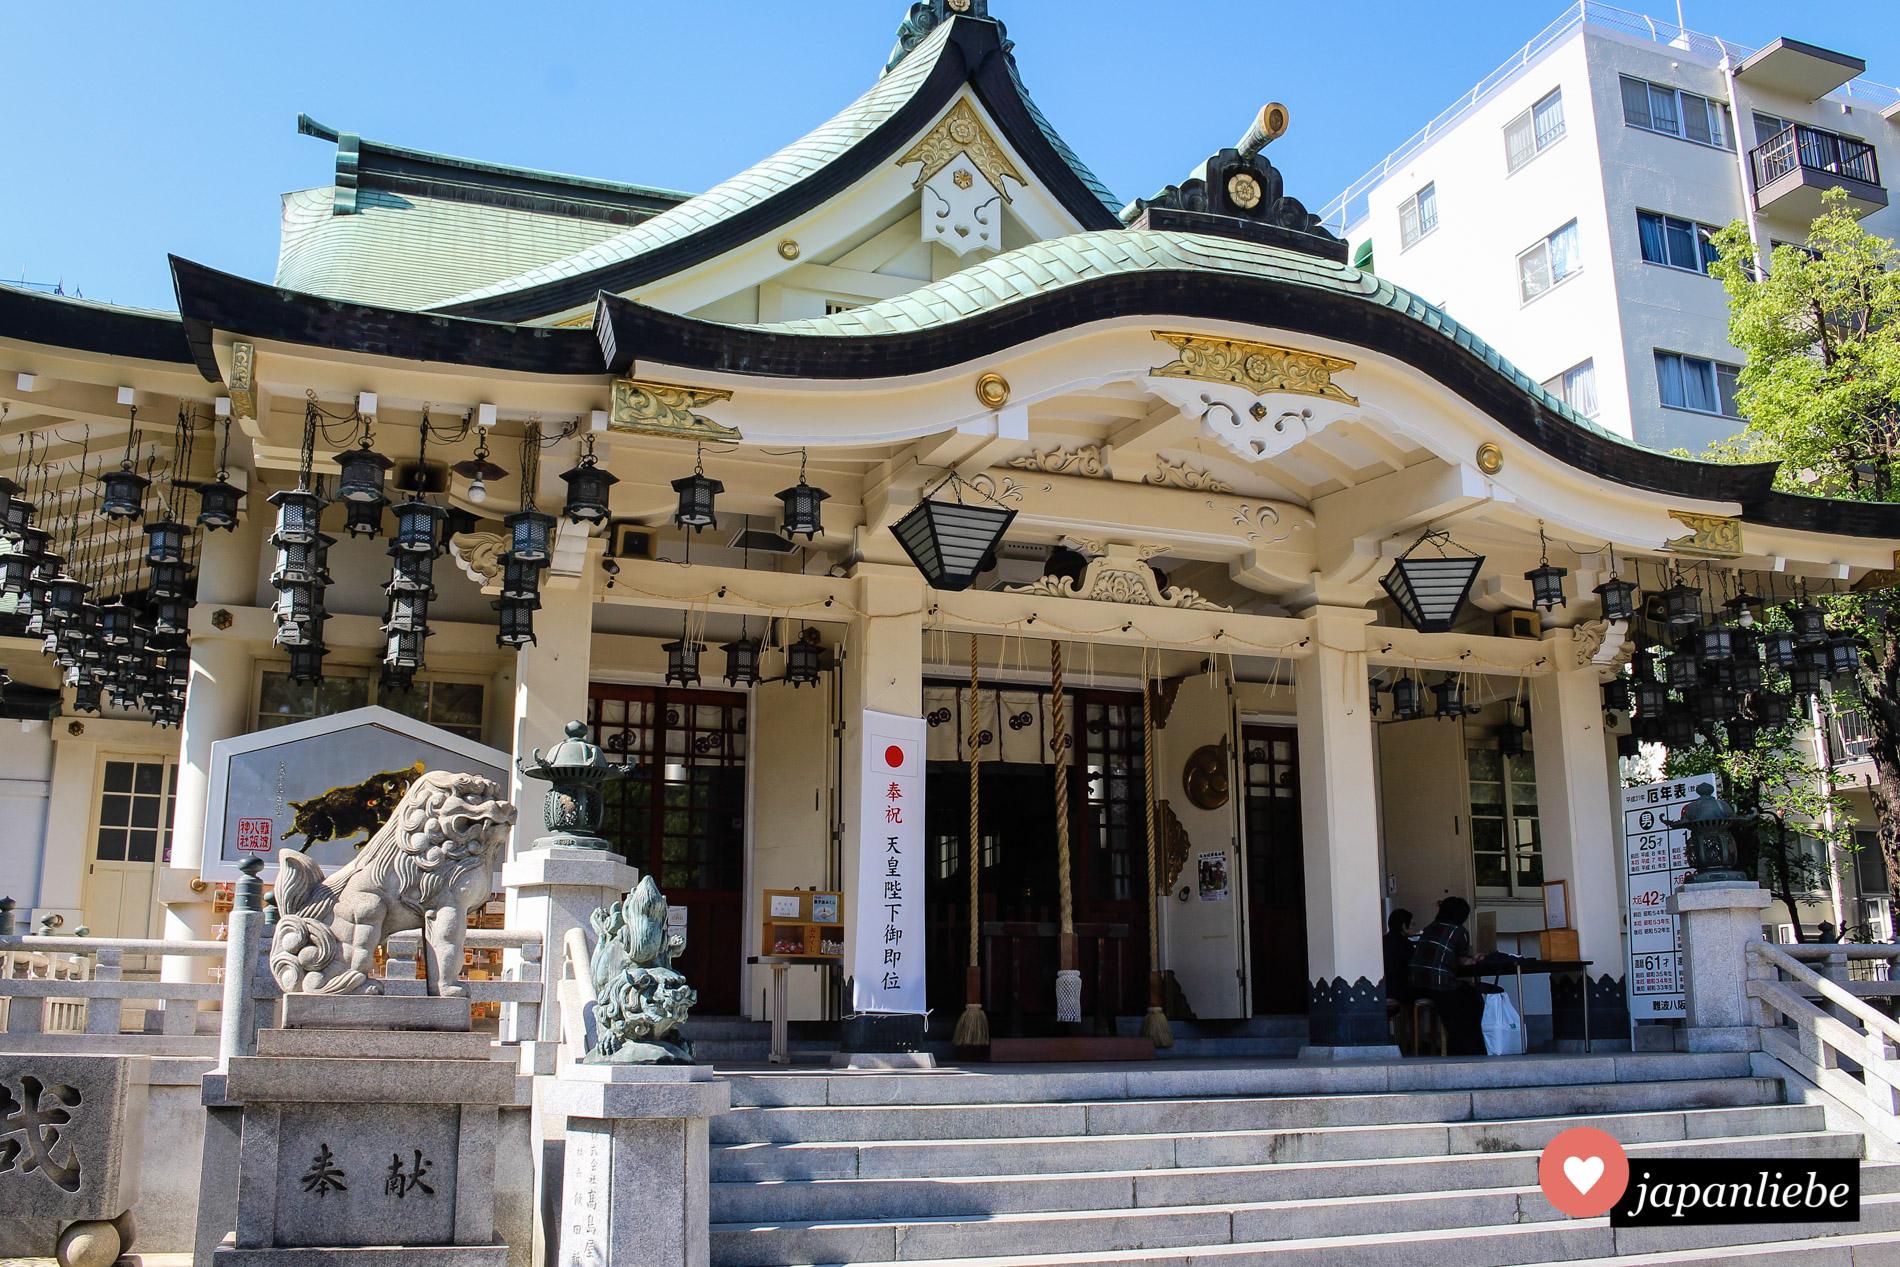 Das Hauptgebäude des Namba Yasaka-Schreins ist nicht so oft Fotomotiv wie die Löwenkopf-Bühne daneben.